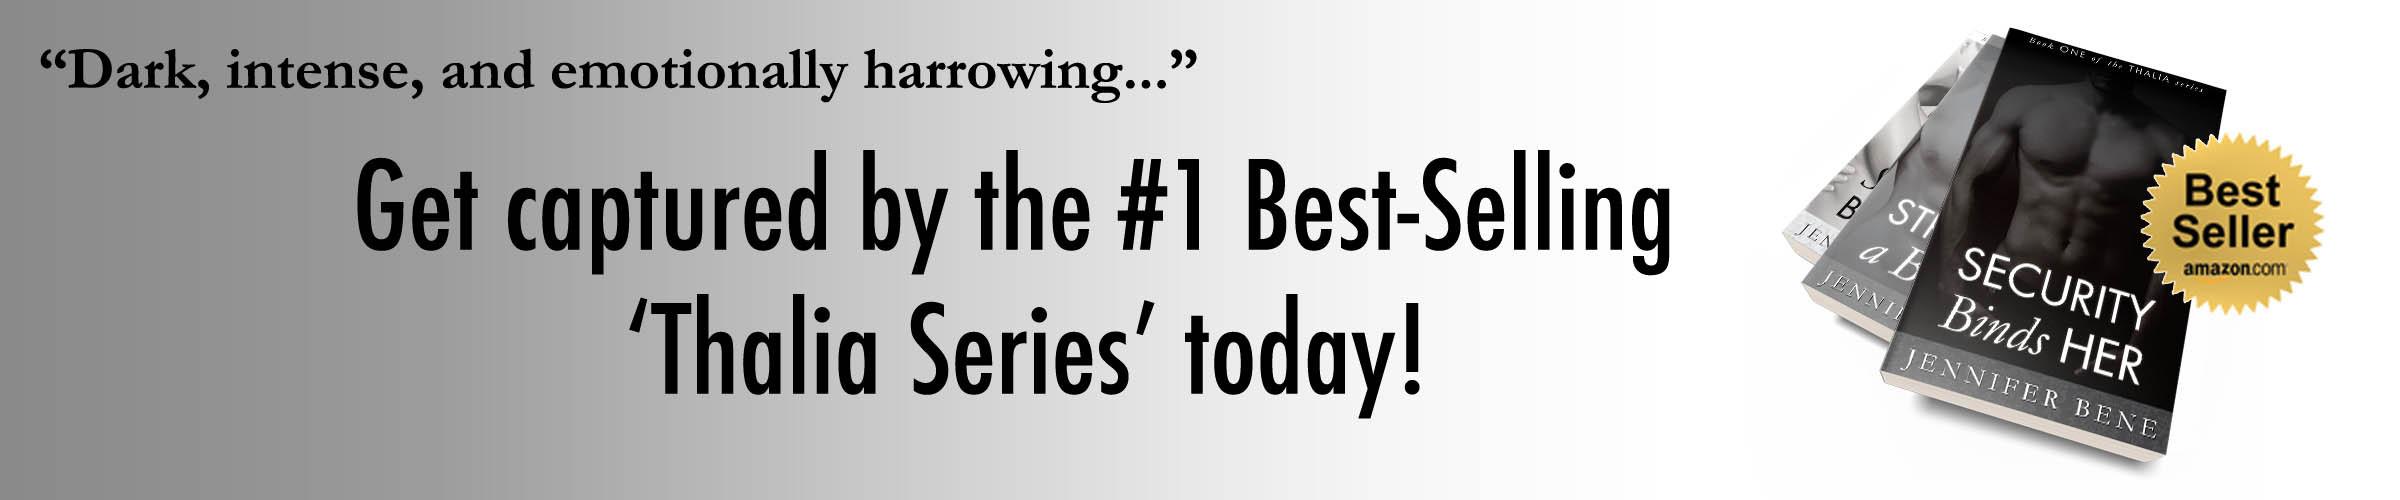 #1 bestselling Thalia series